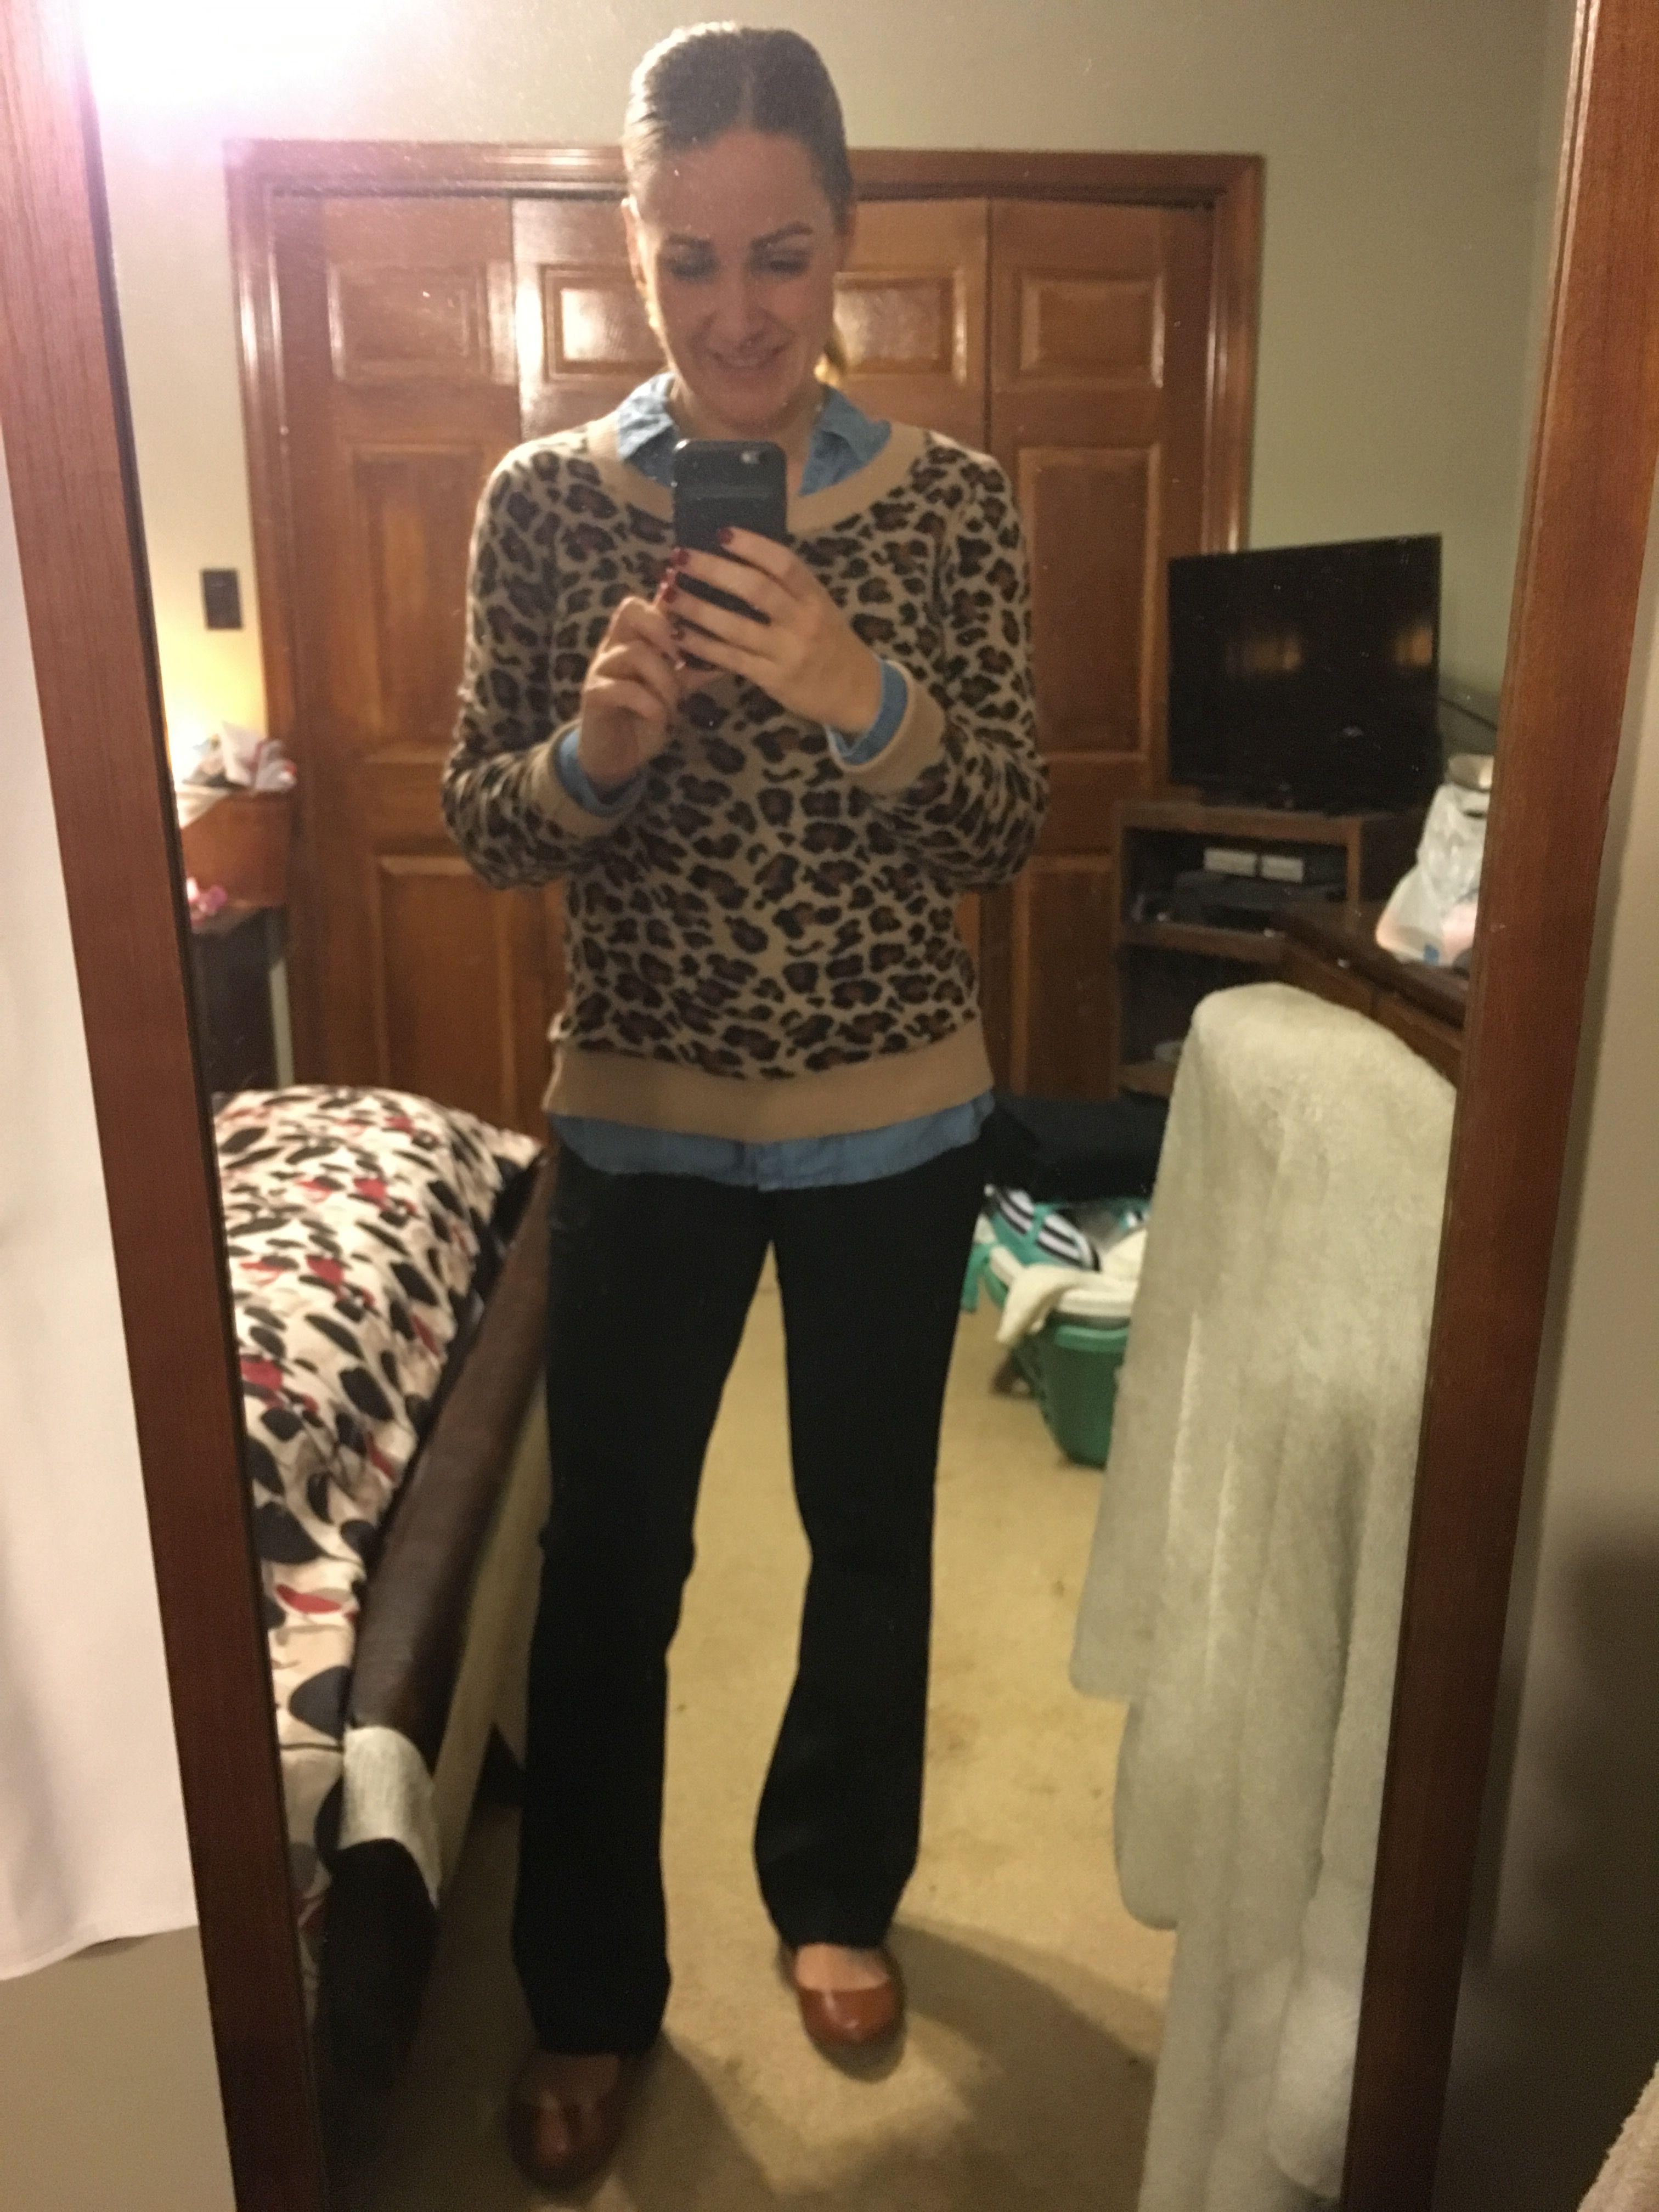 e916018cb9e6 Express Leopard print sweater, chambray Old Navy Classic shirt, black  Express Columnist pants, cognac flats & belt